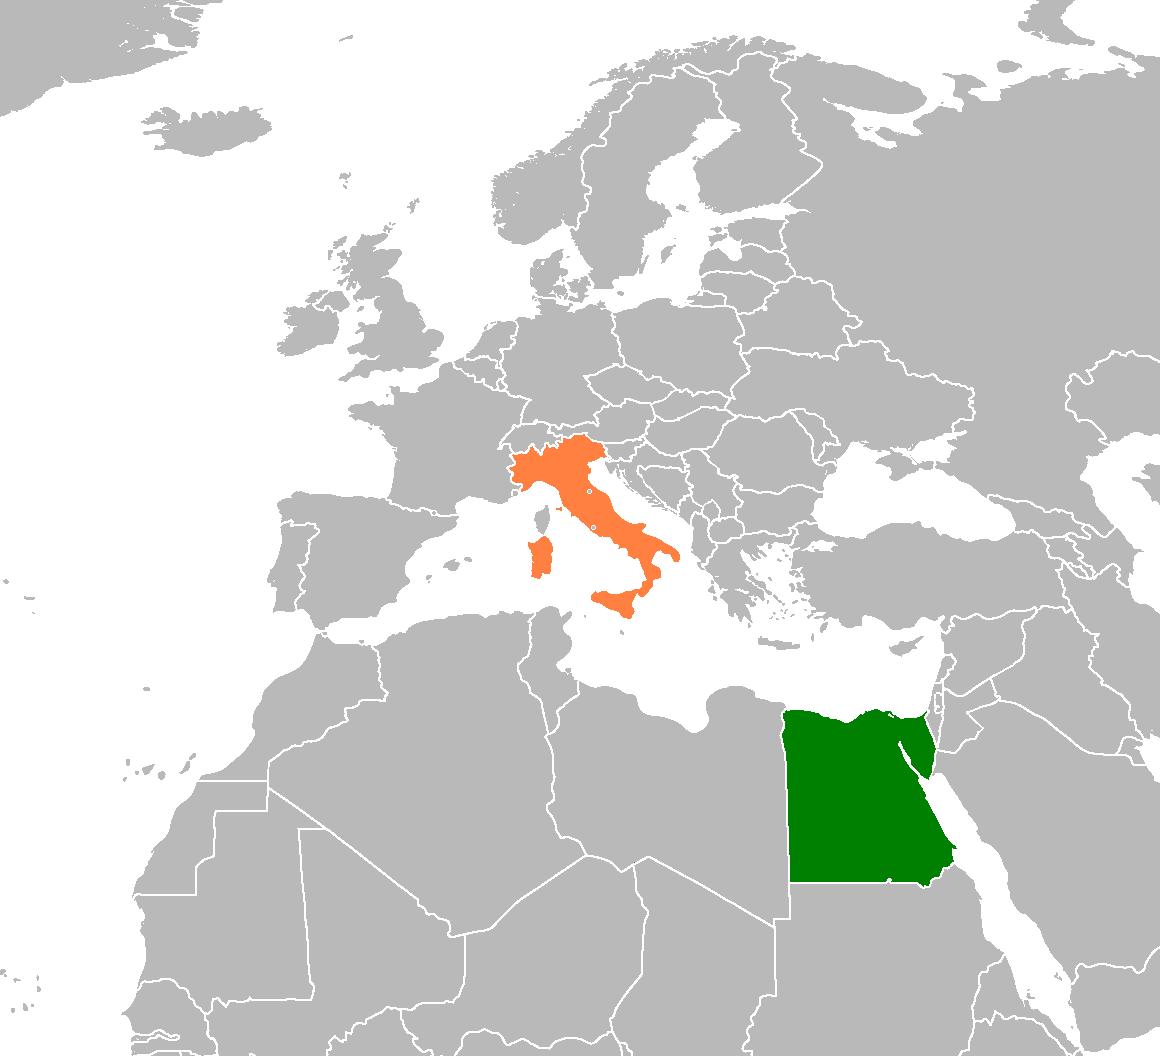 Cartina Egitto In Italiano.Perche L Italia Corrotta Tenta Di Indebolire L Egitto La Voce Di Trieste